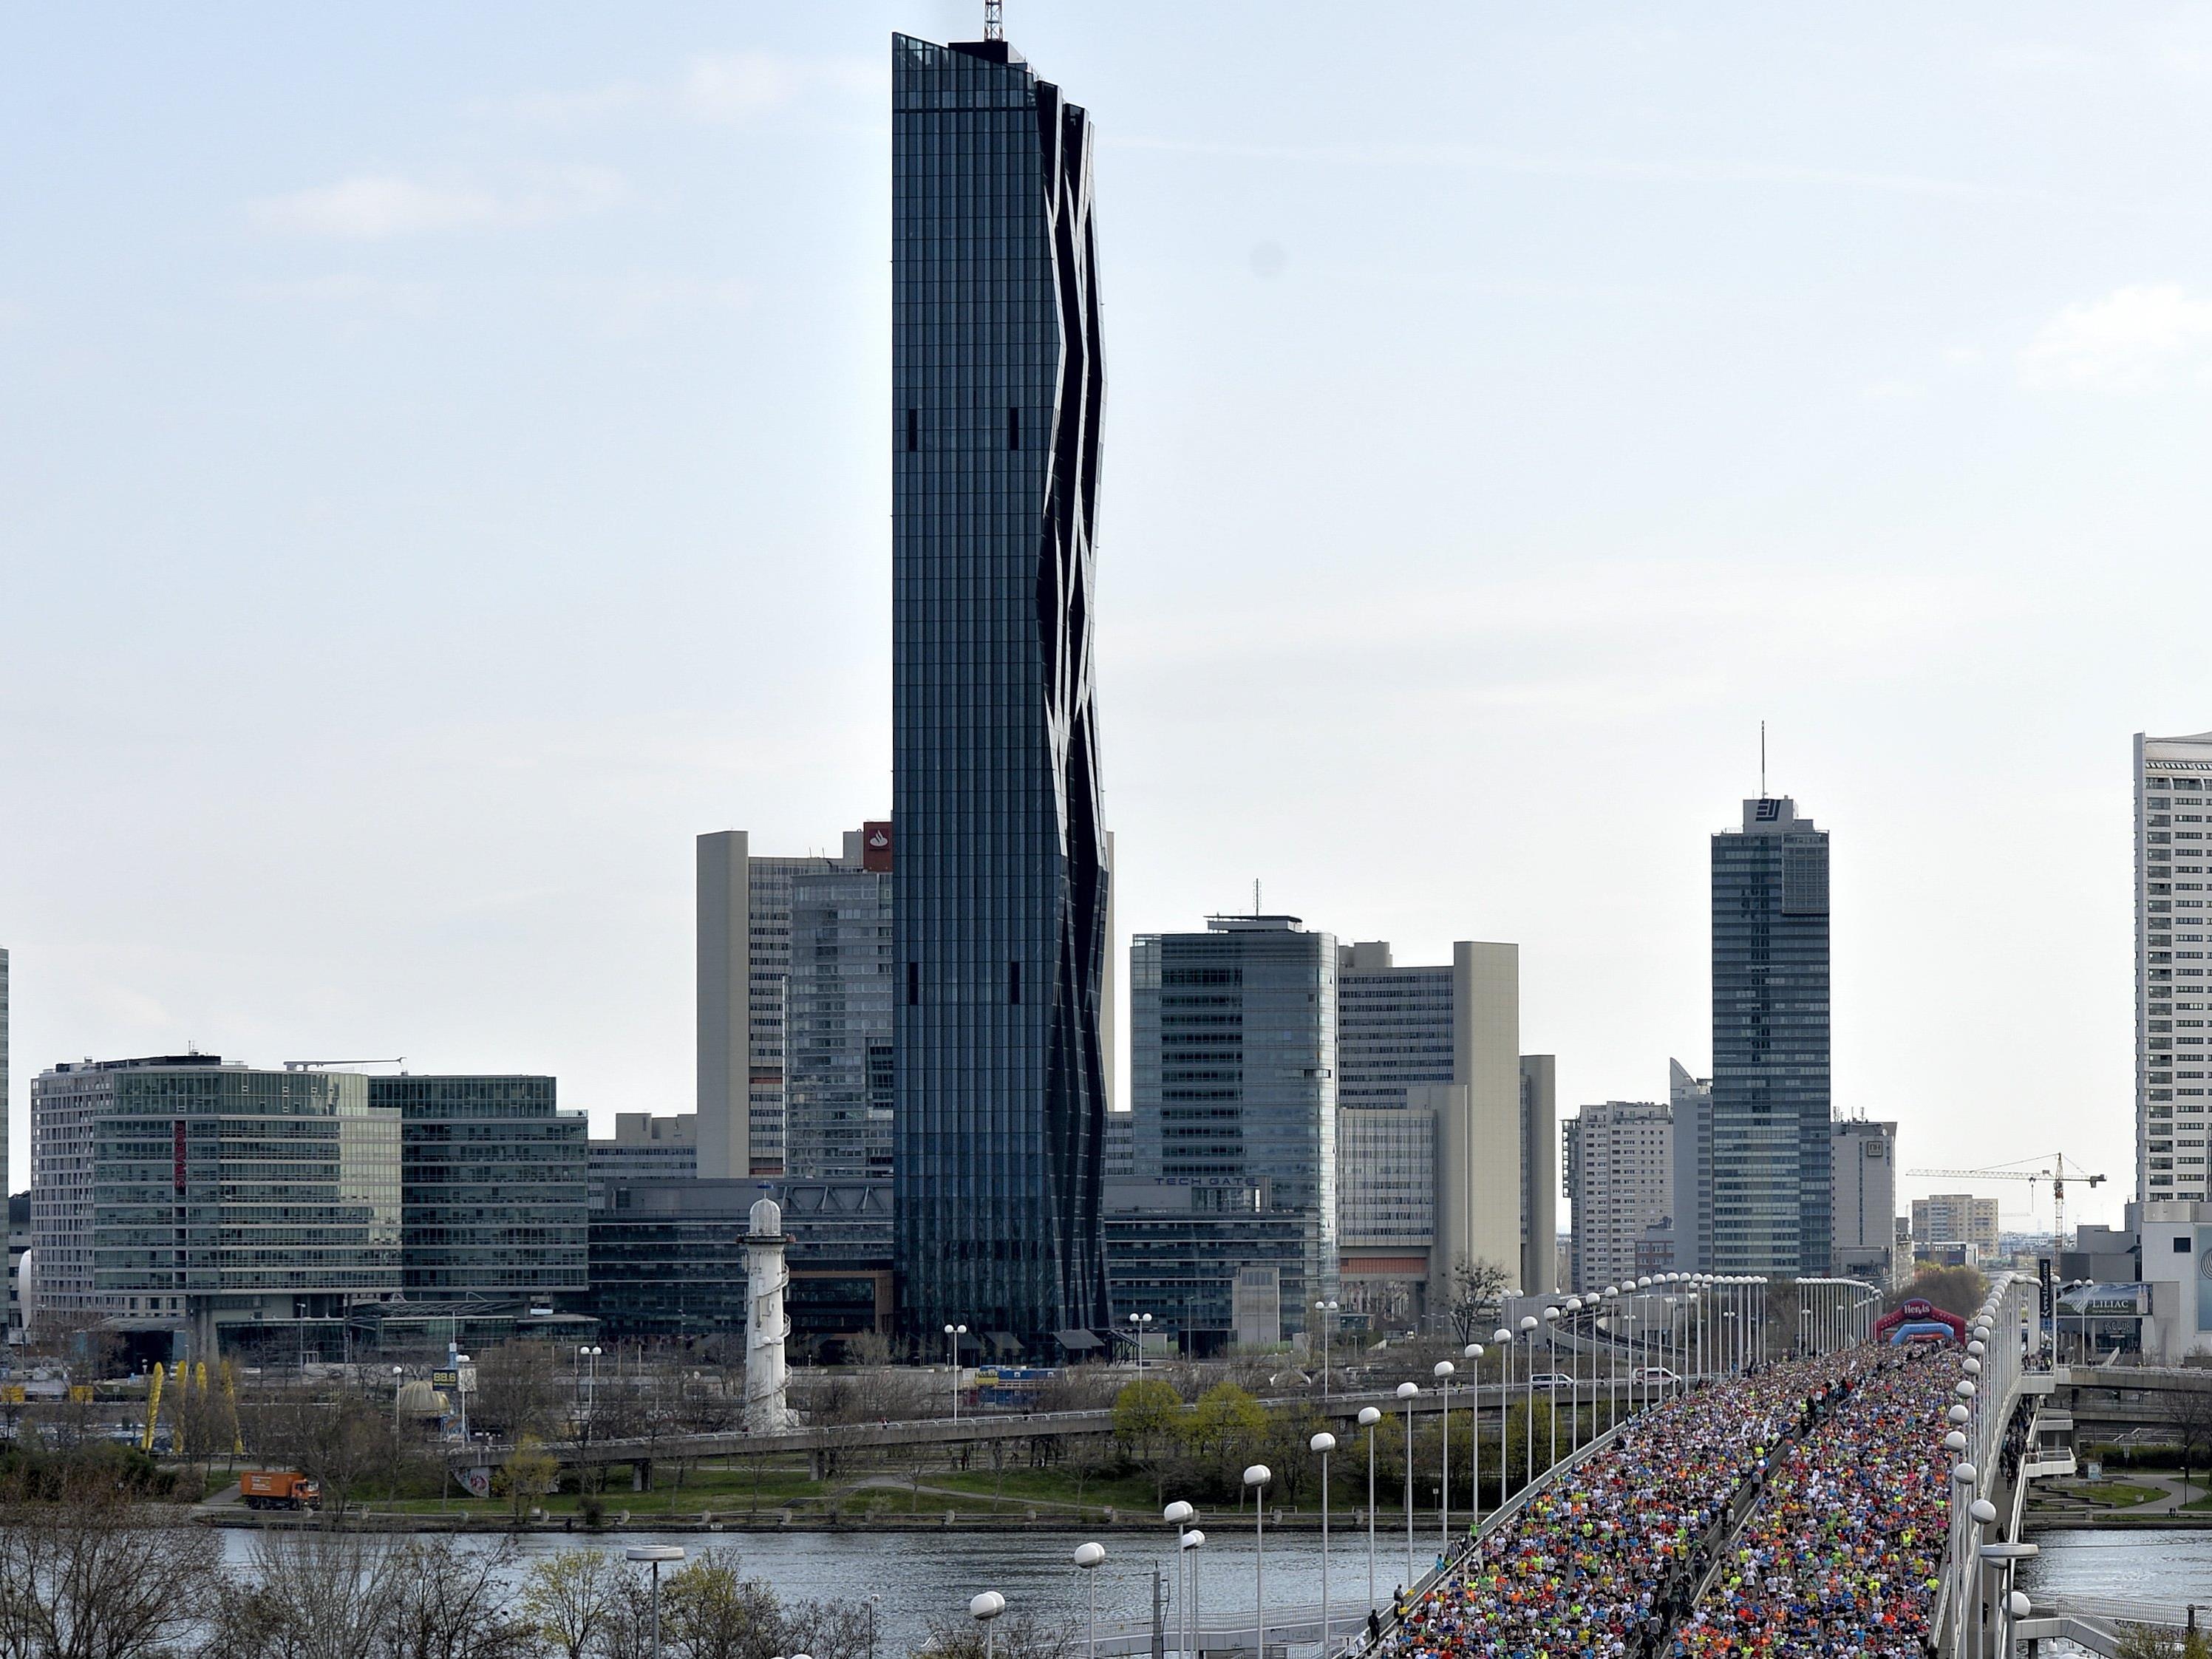 Wien-Marathon-Veranstalter hoffen auf eine Sieger-Zeit von unter 2:06 Stunden.